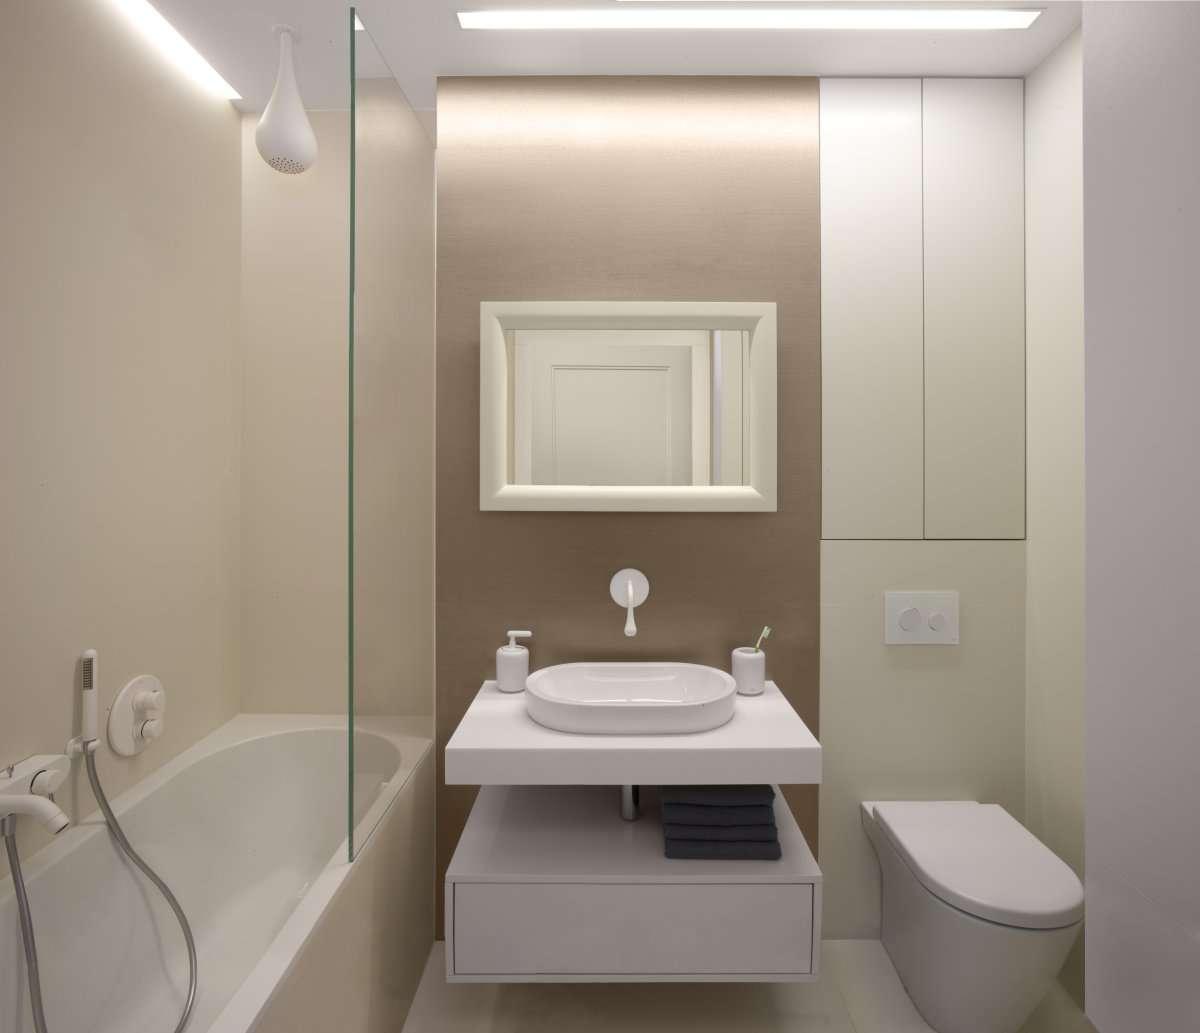 дизайн маленькой ванной комнаты совмещенной с туалетом 3 квм фото